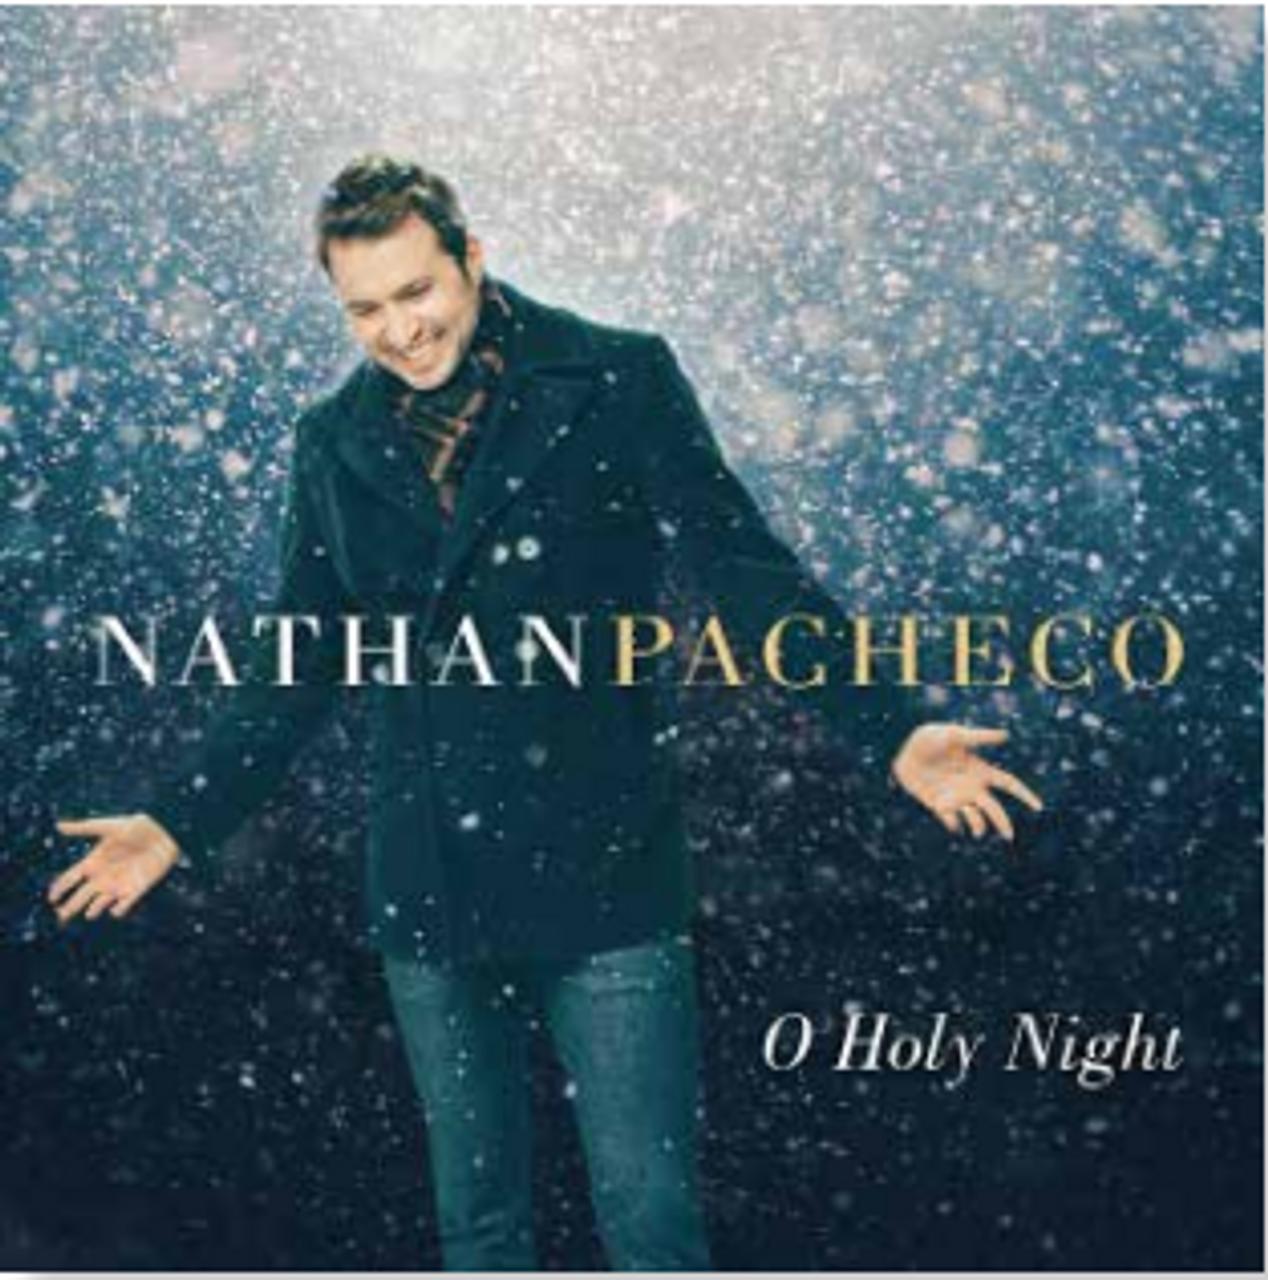 O Holy Night With Nathan Pacheco (Music CD) *